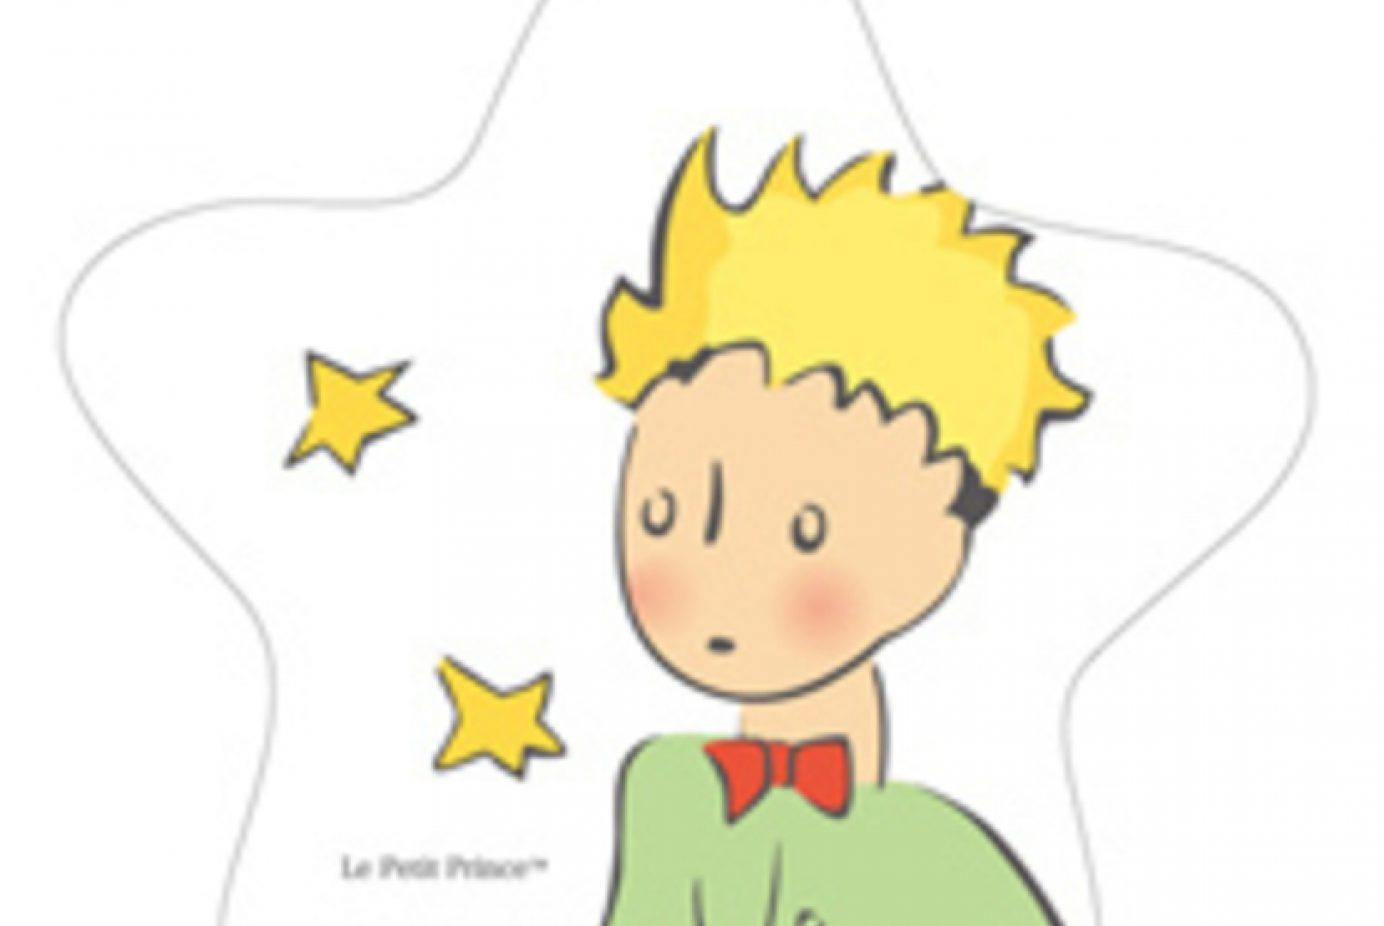 人生迷惘的時候先抬頭仰望星空吧  小王子要告訴我們的「五個」人生哲學